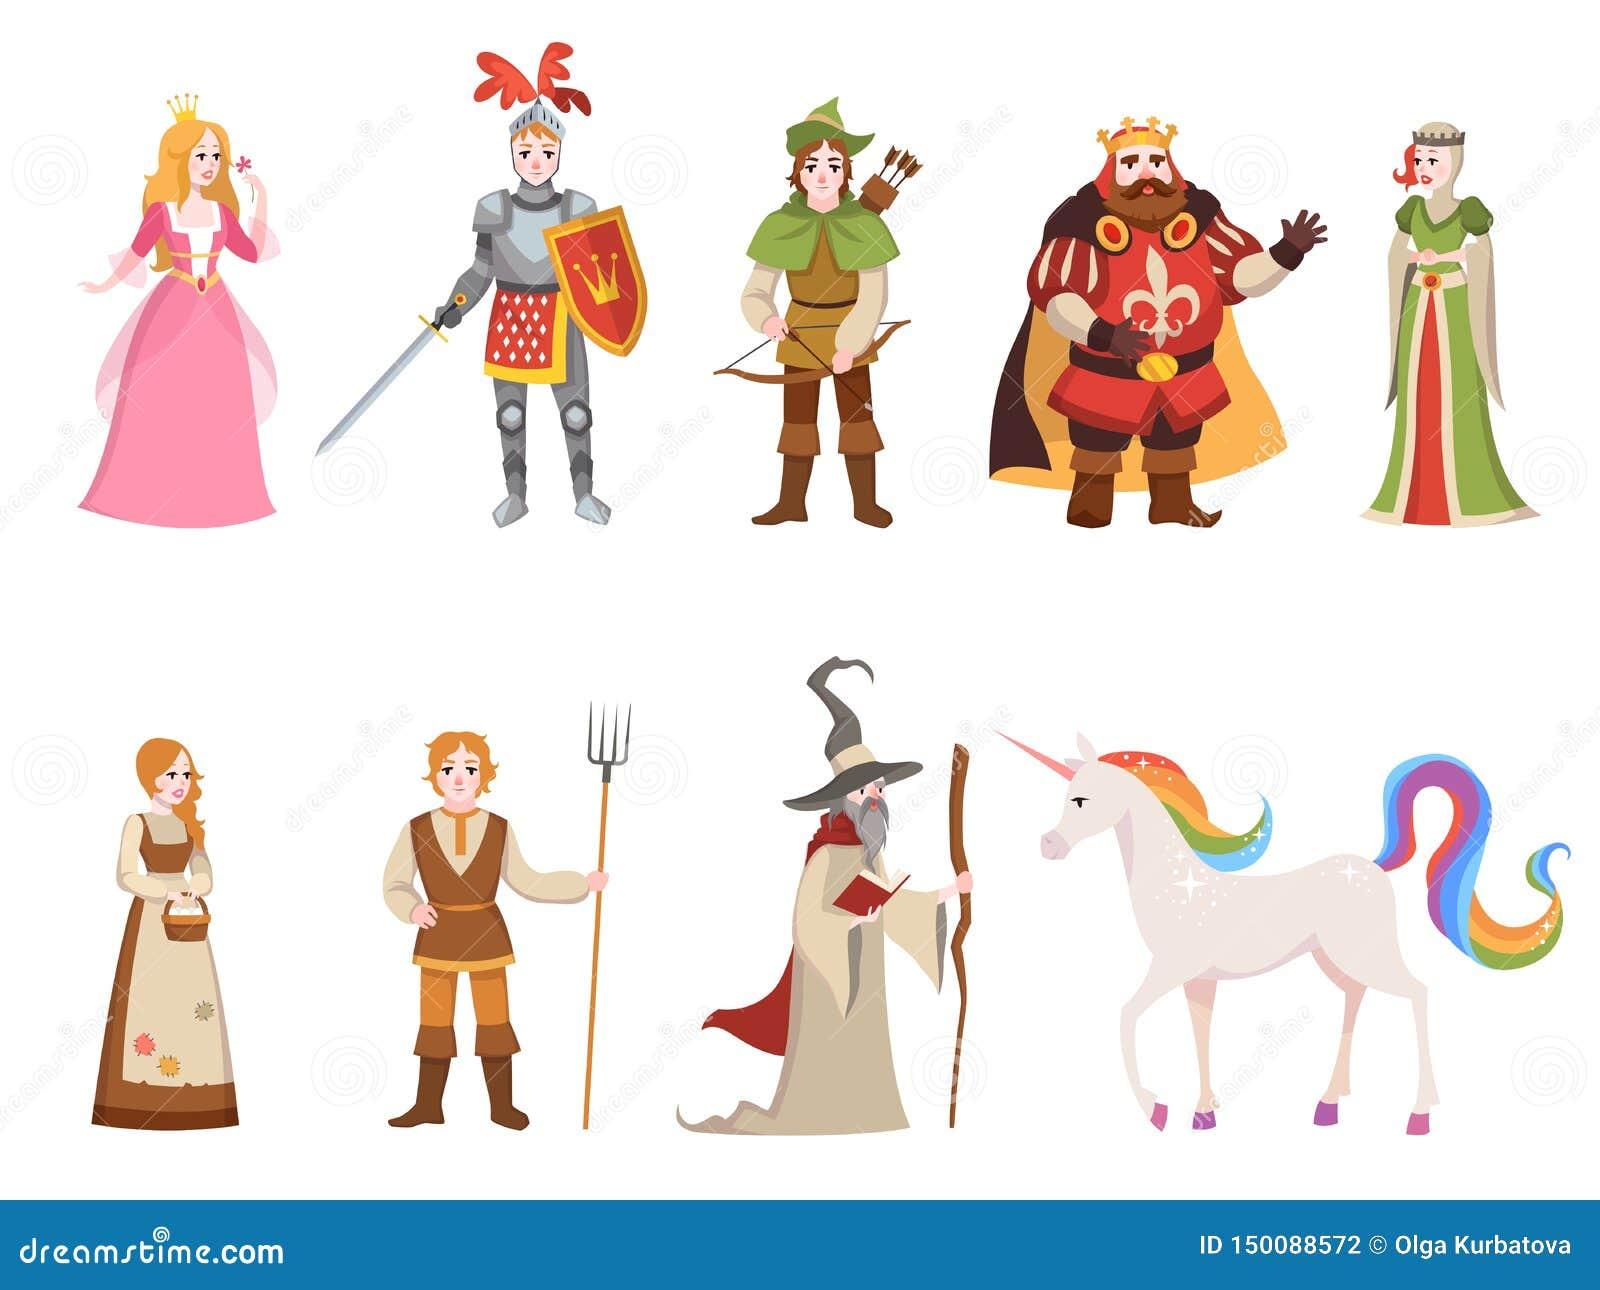 中世纪历史字符 骑士国王女王/王后王子公主神仙的皇家城堡龙马巫婆集合动画片